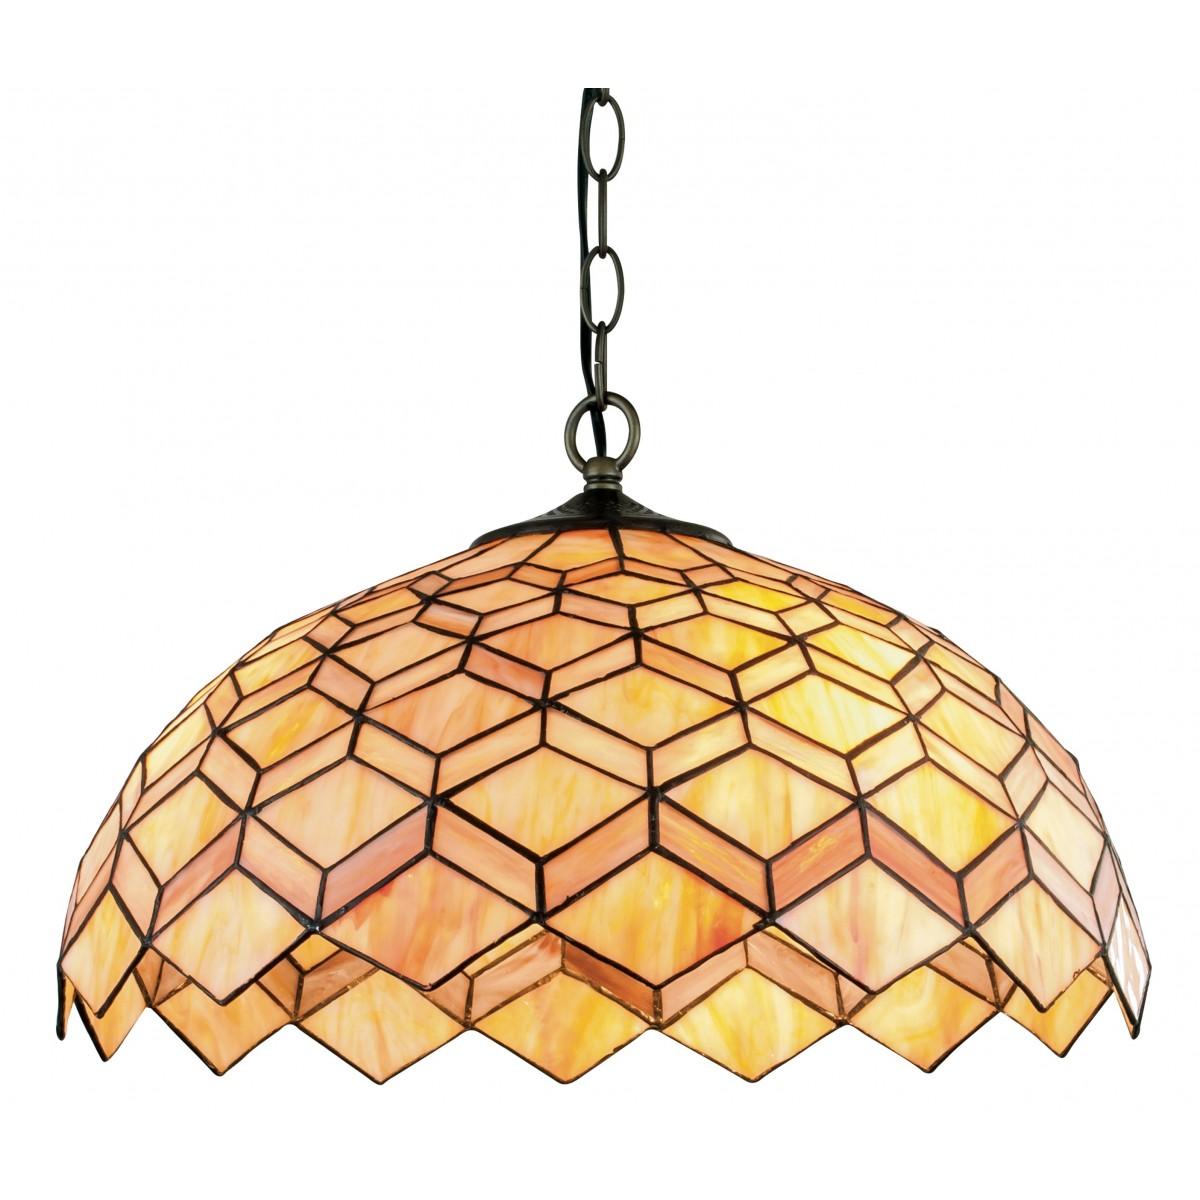 Lampadari tiffany in vetro colorato ⭐ 560 000 pz di lampade in magazzino. Lampadario Sospeso Classico Metallo Paralume Vetro Colorato Decoro Geometrico E27